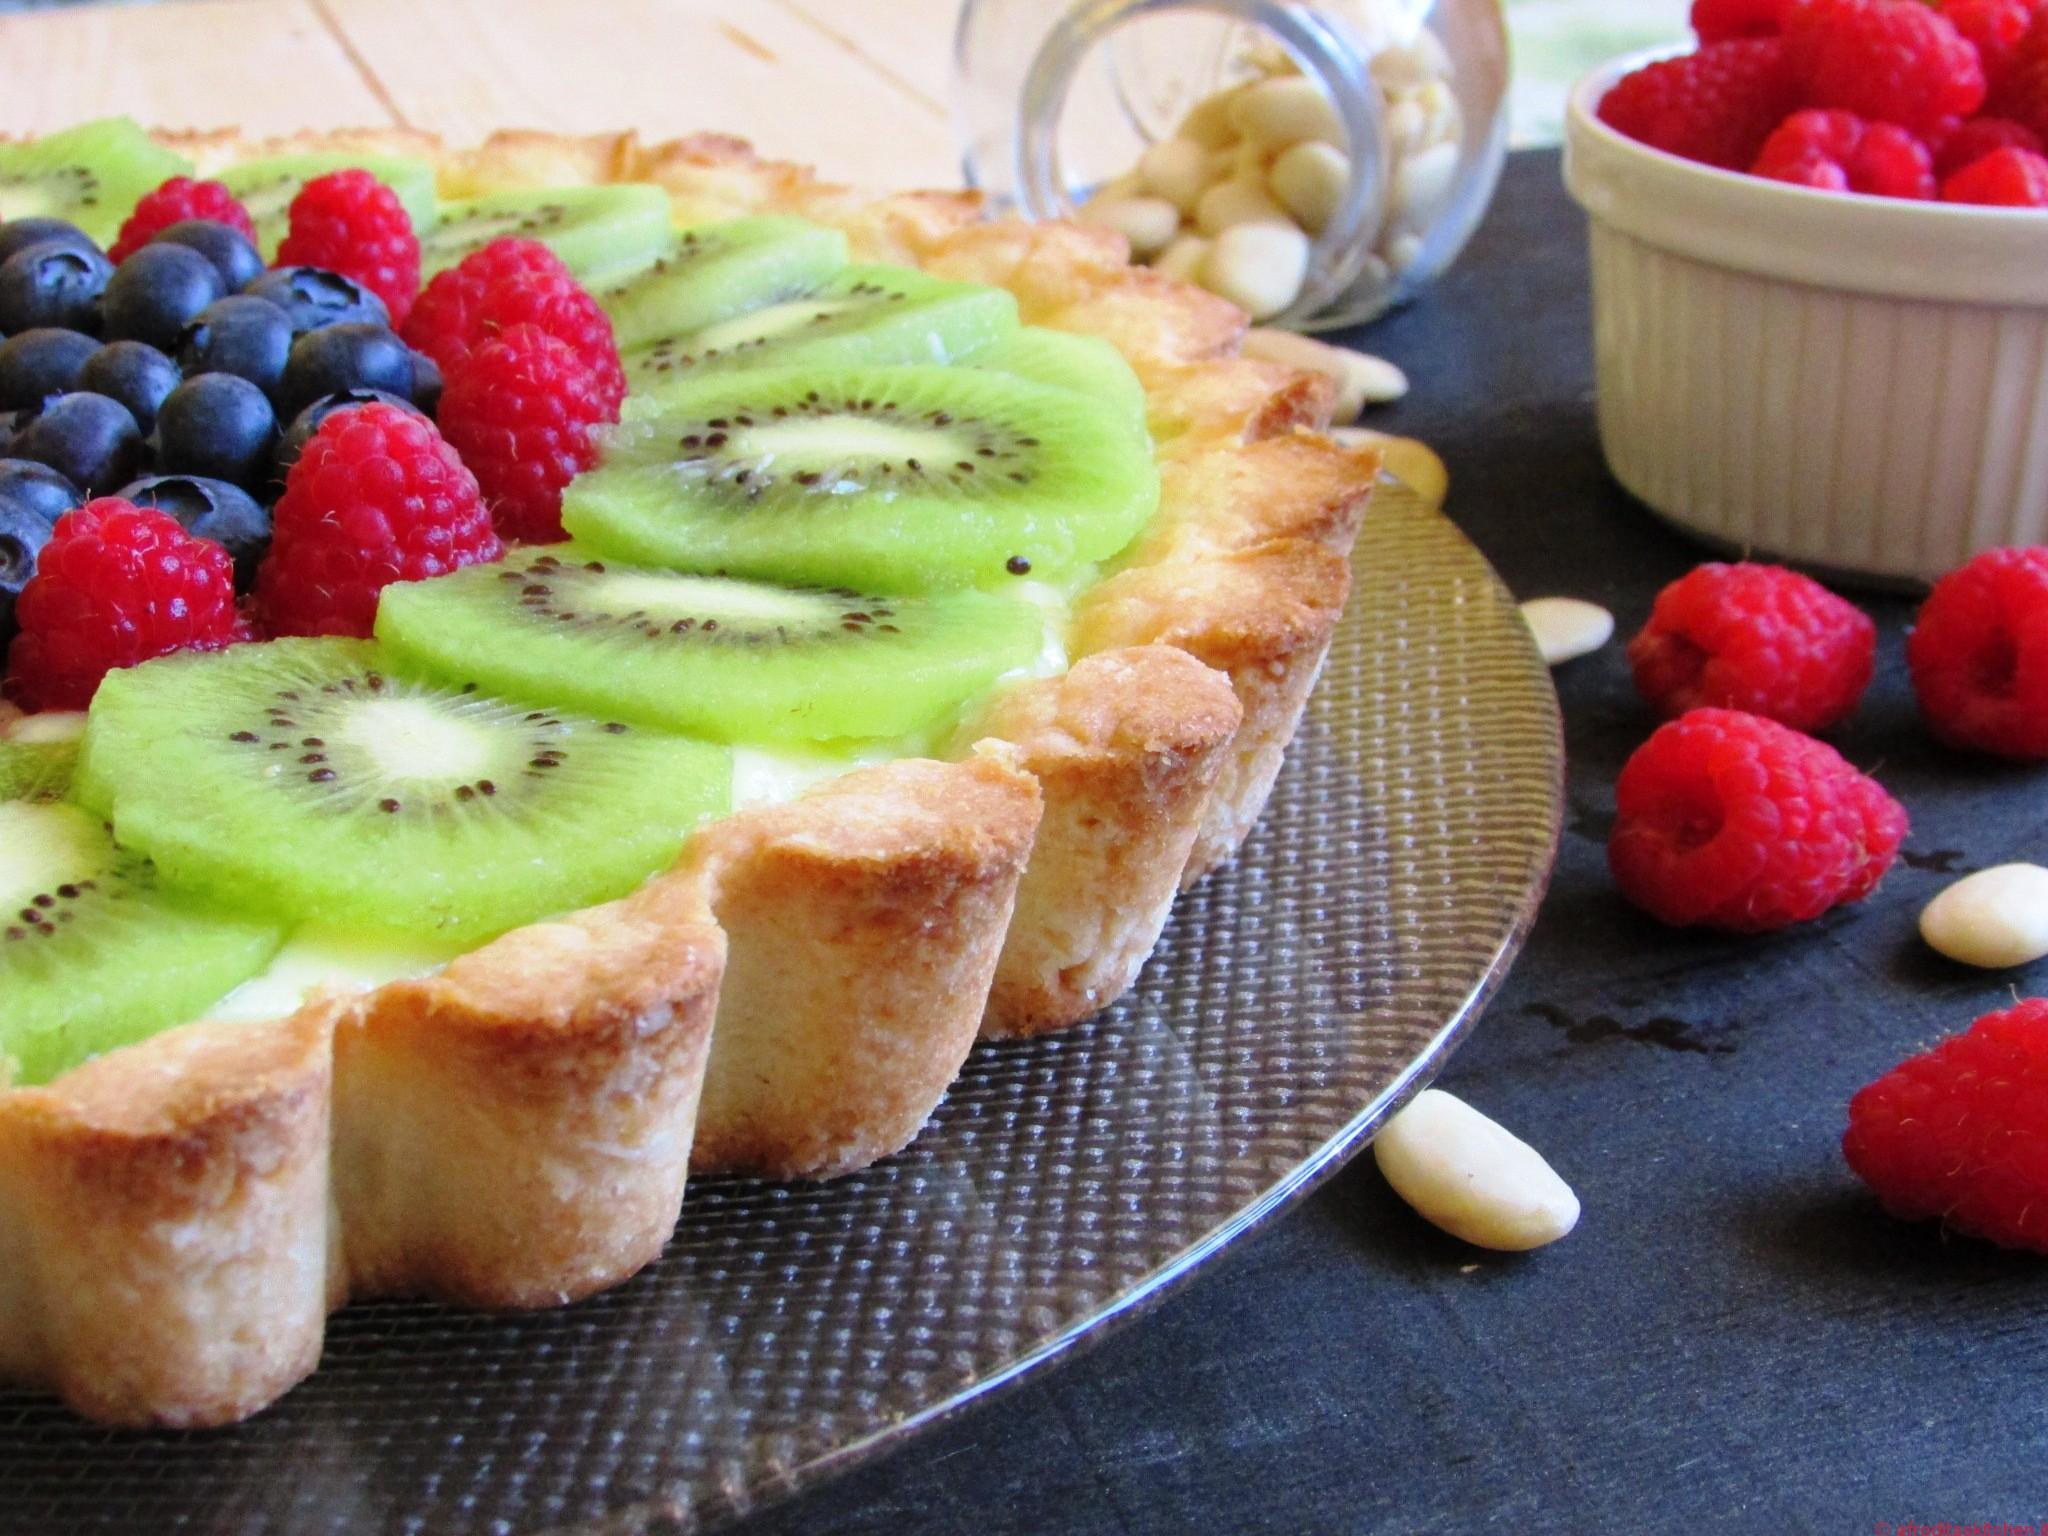 Crostata con crema pasticcera al limone e frutta fresca